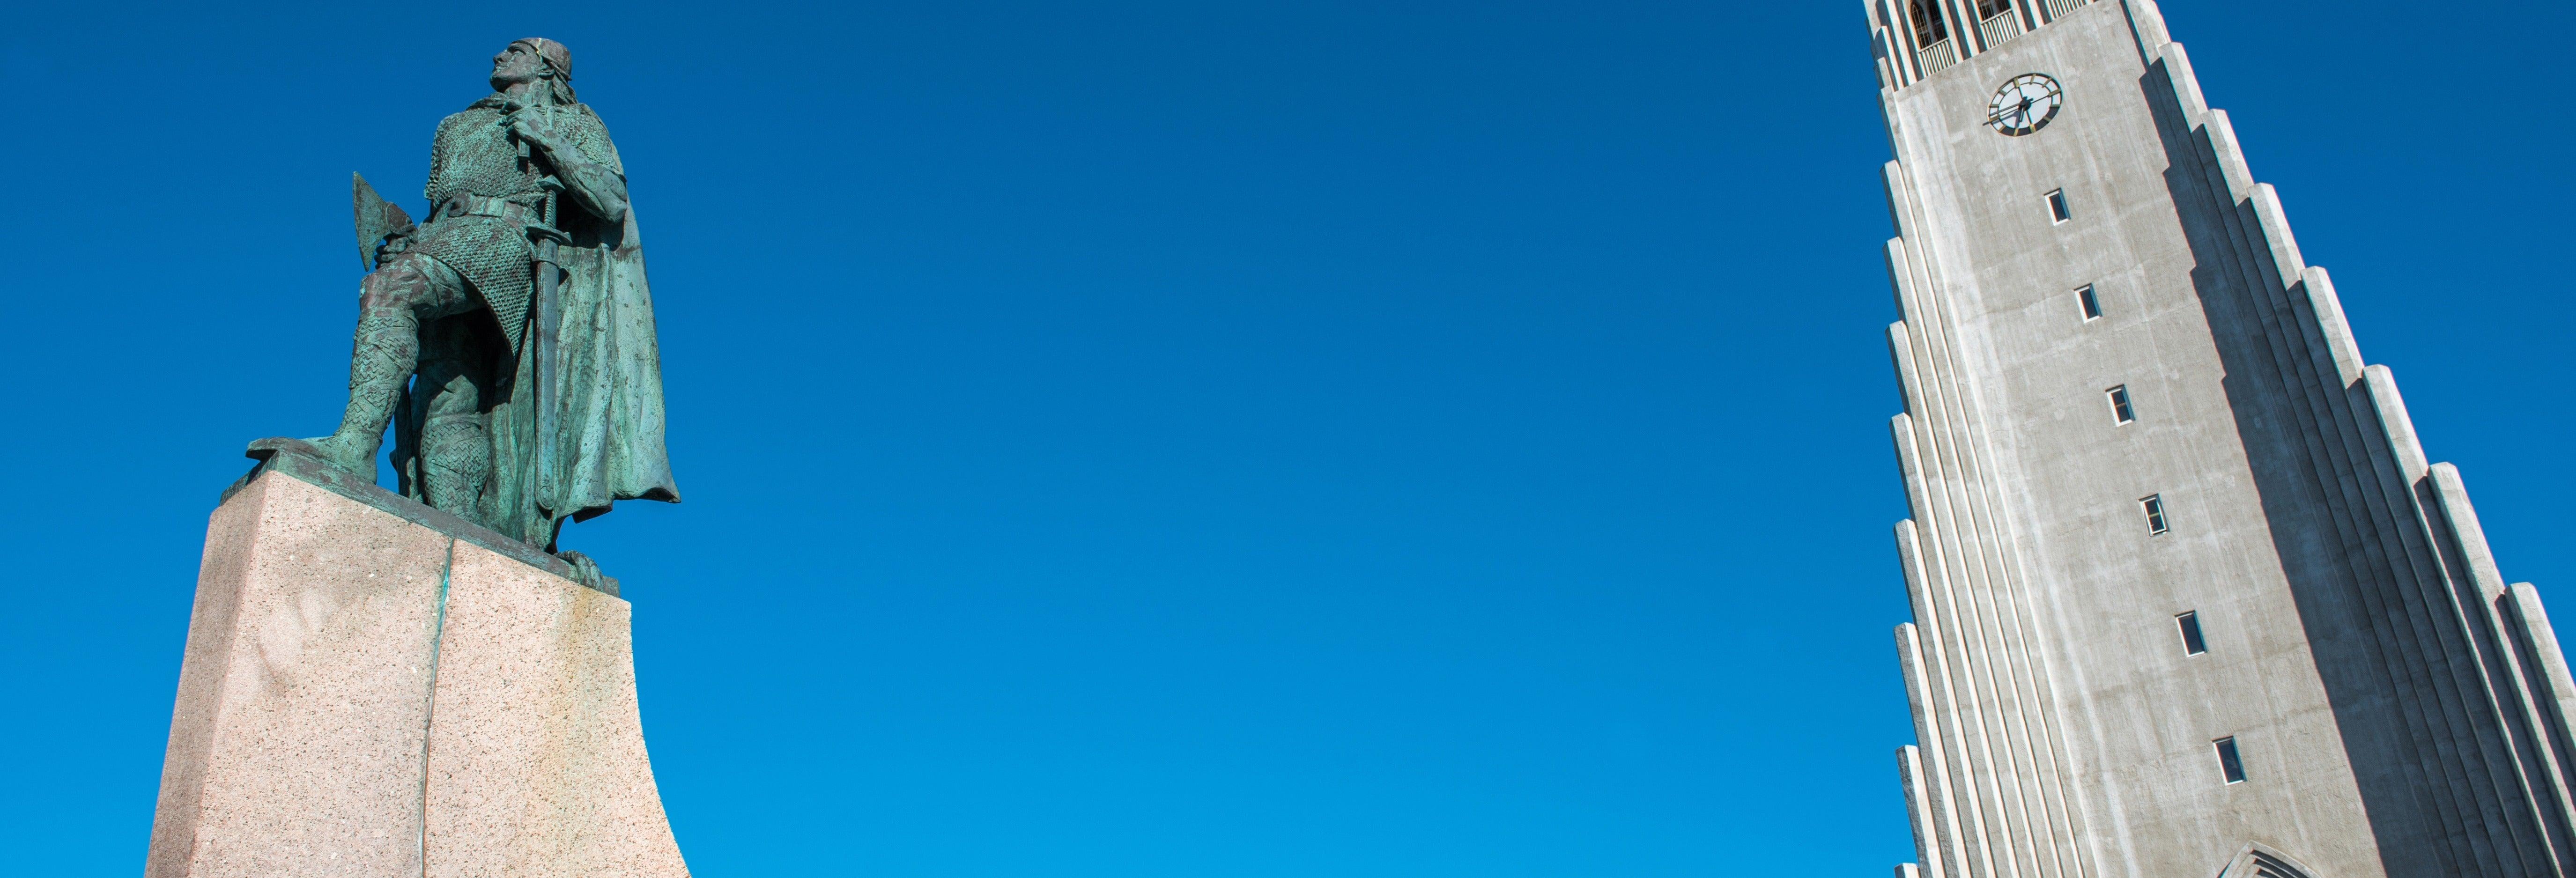 Visite panoramique dans Reykjavik